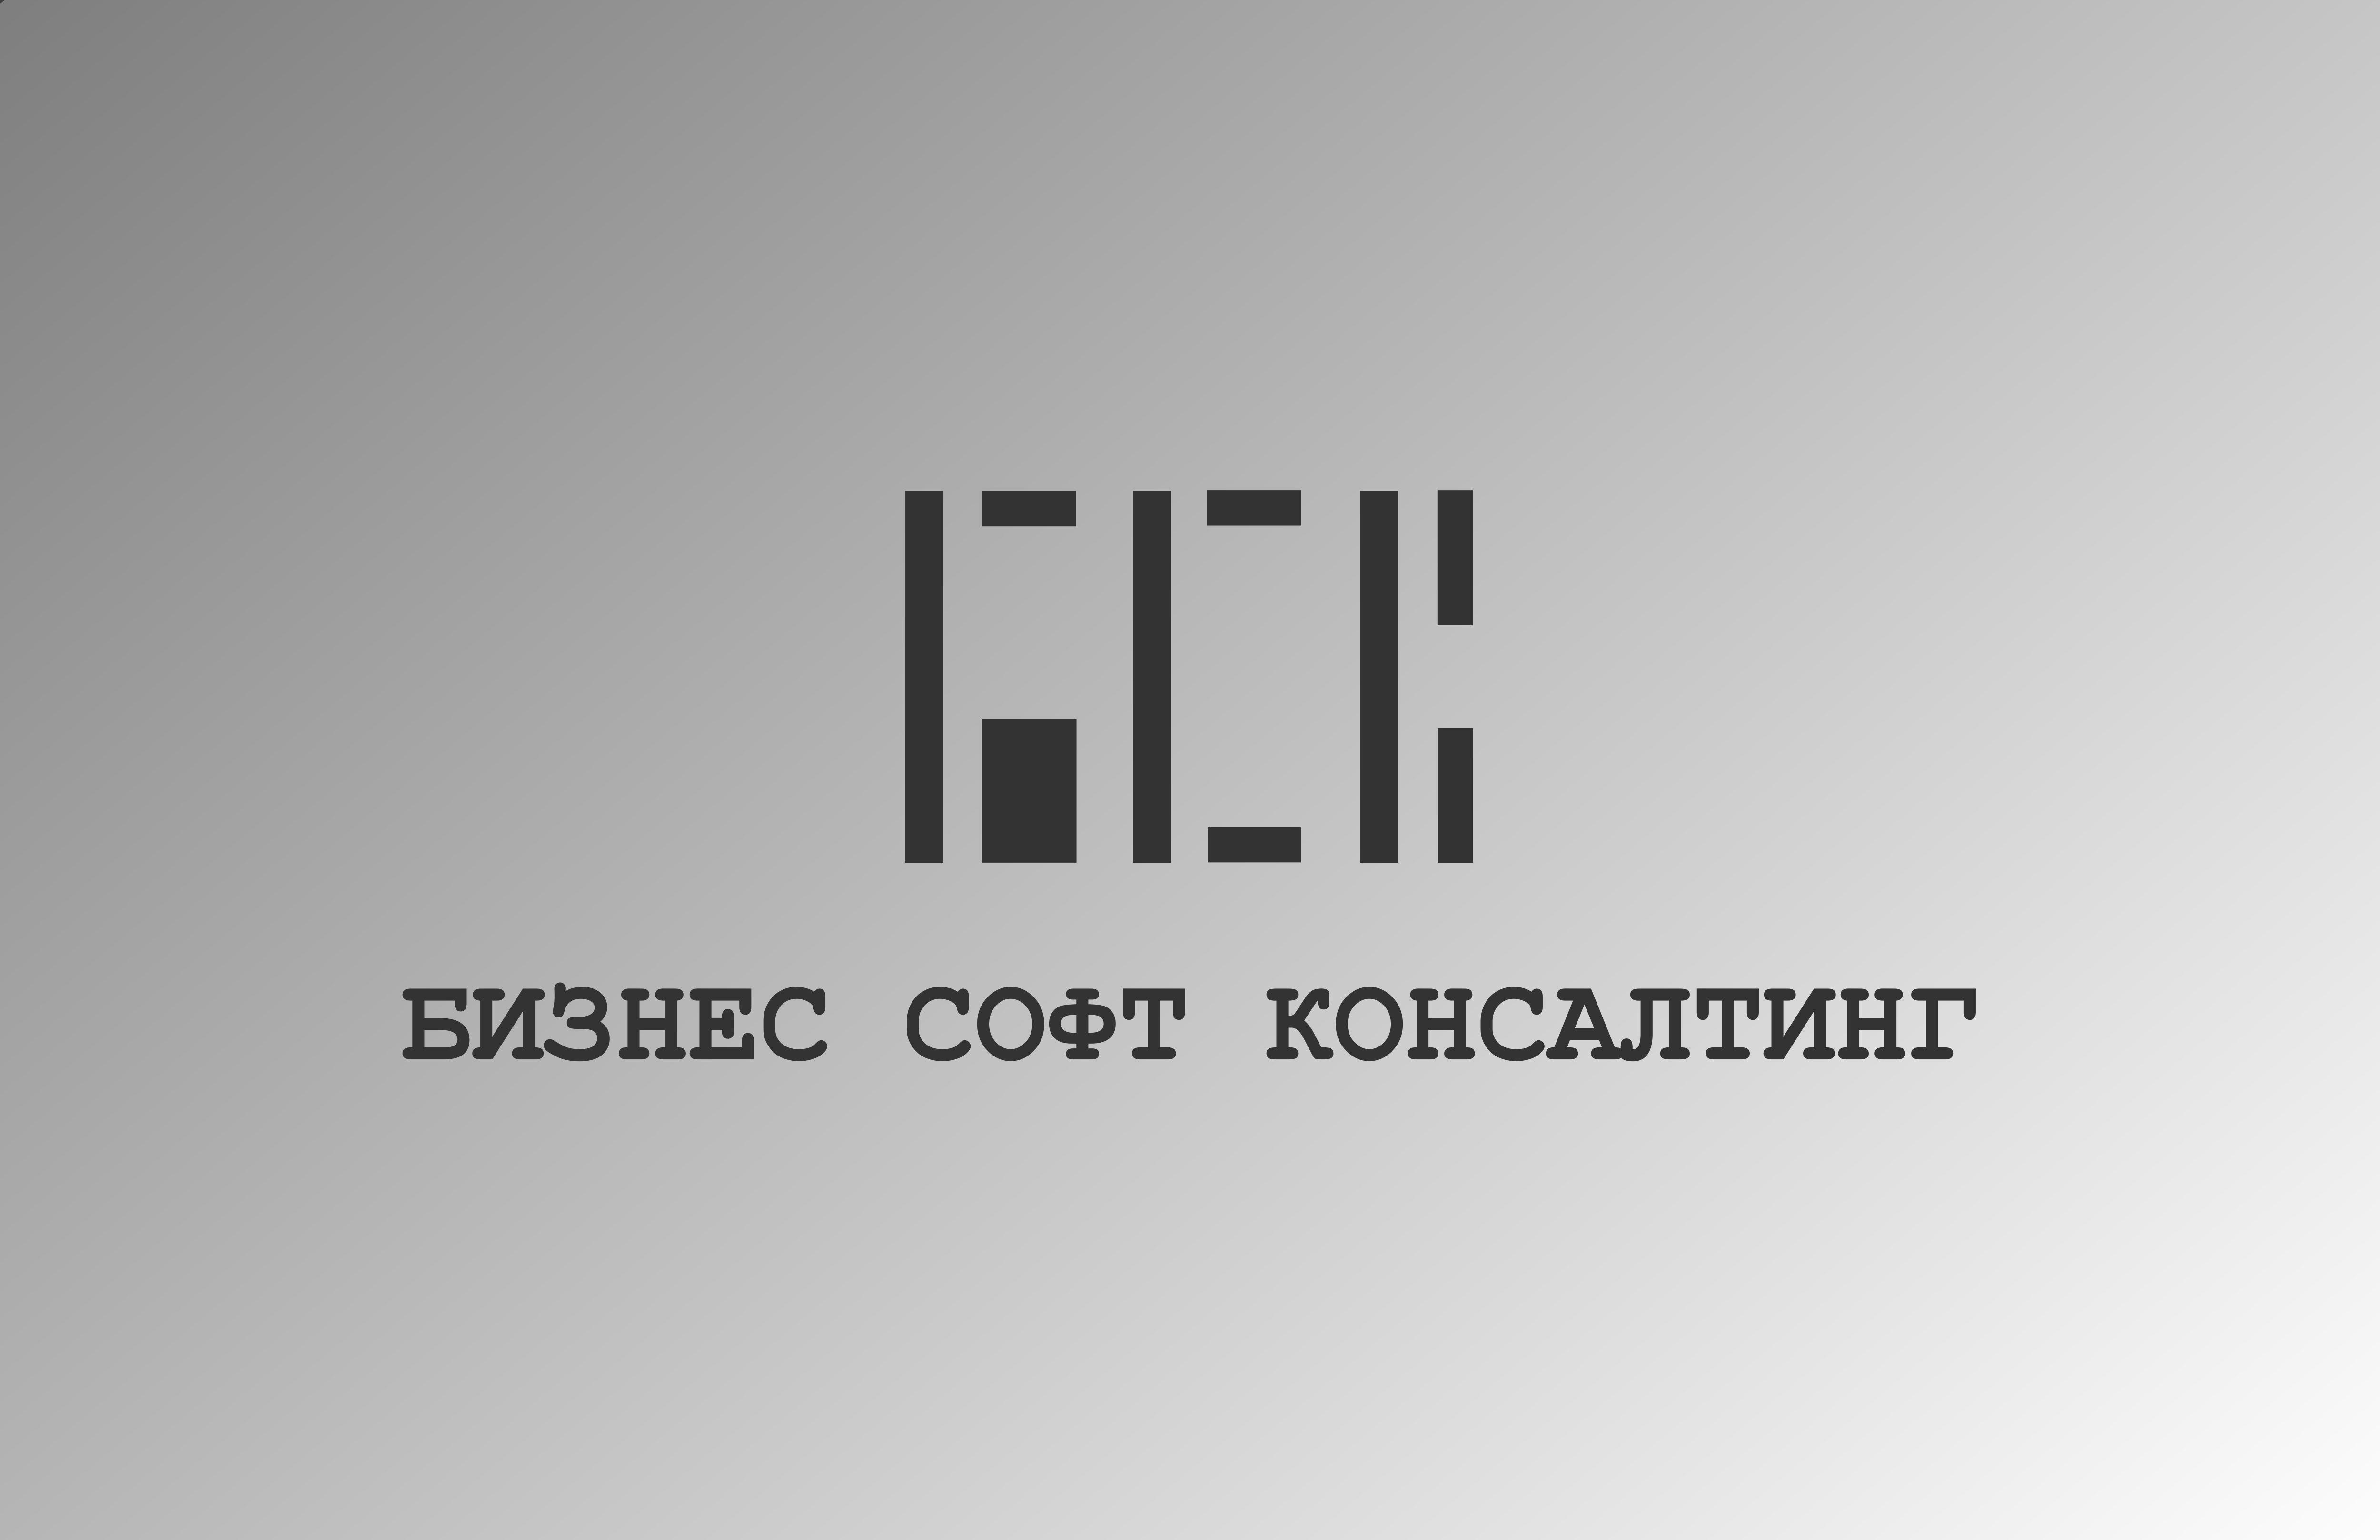 Разработать логотип со смыслом для компании-разработчика ПО фото f_50477ad39c39d.jpg